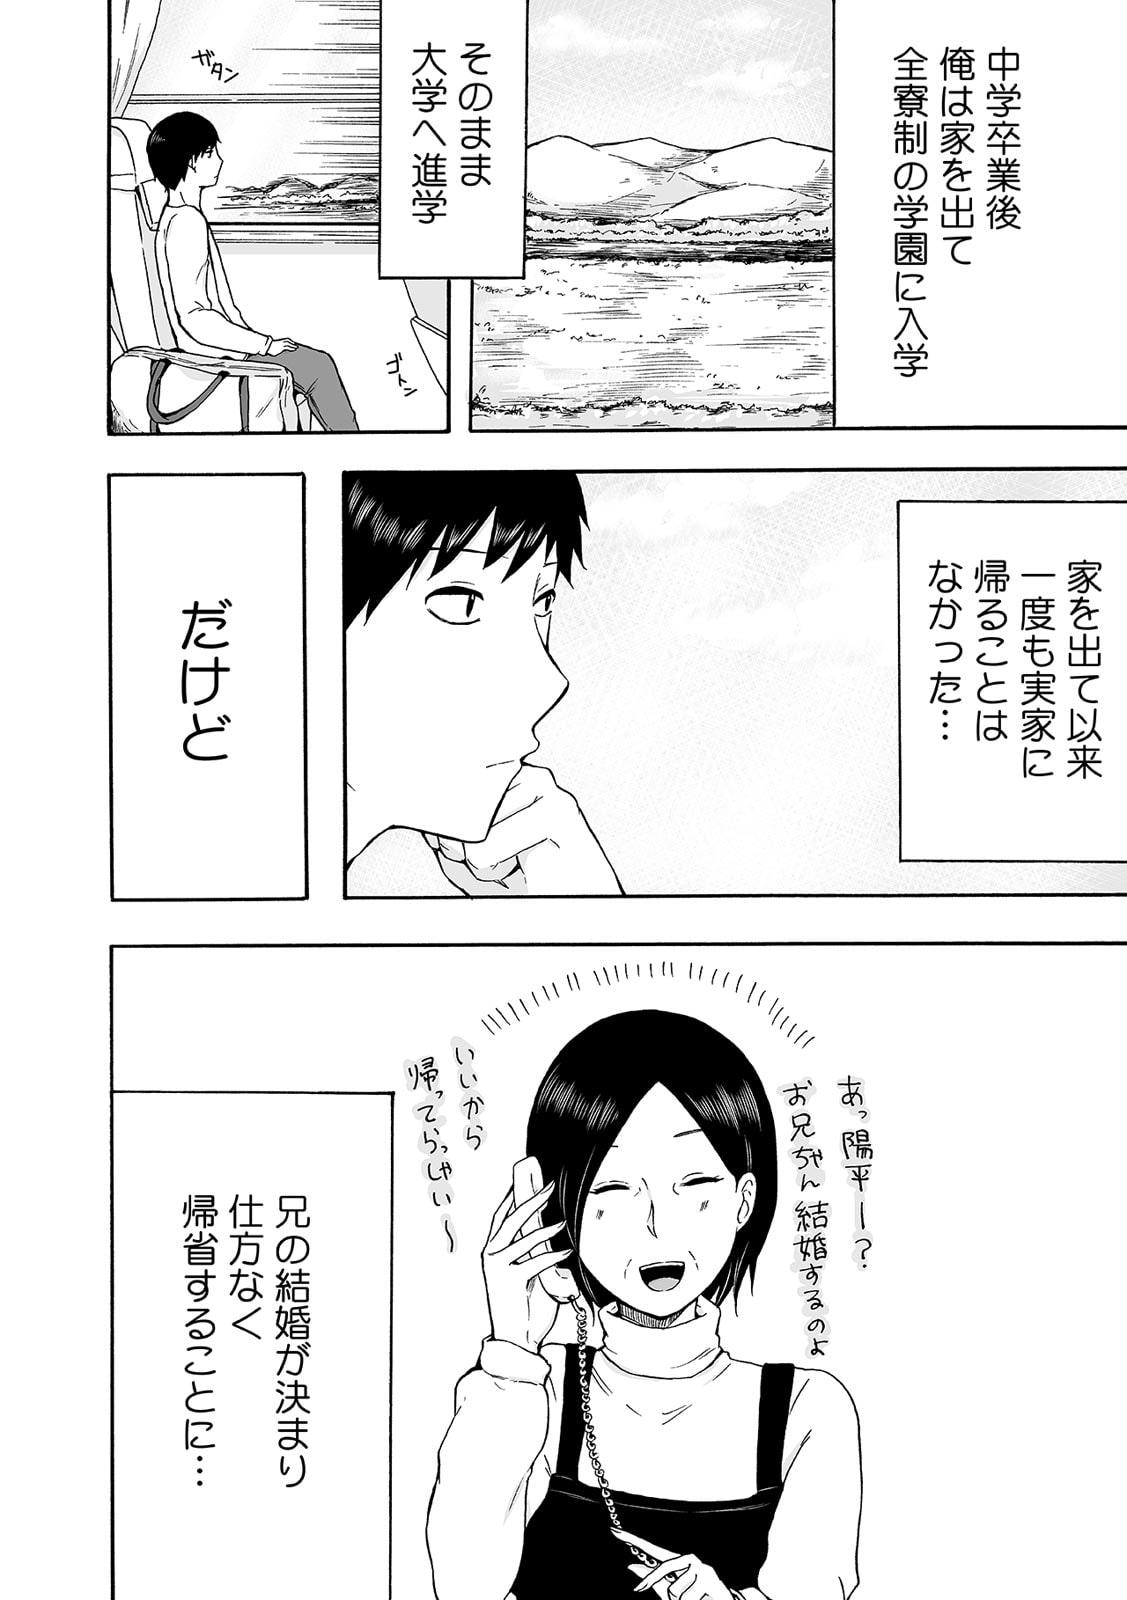 COMIC絶頂ホリック vol.33 サンプル画像8